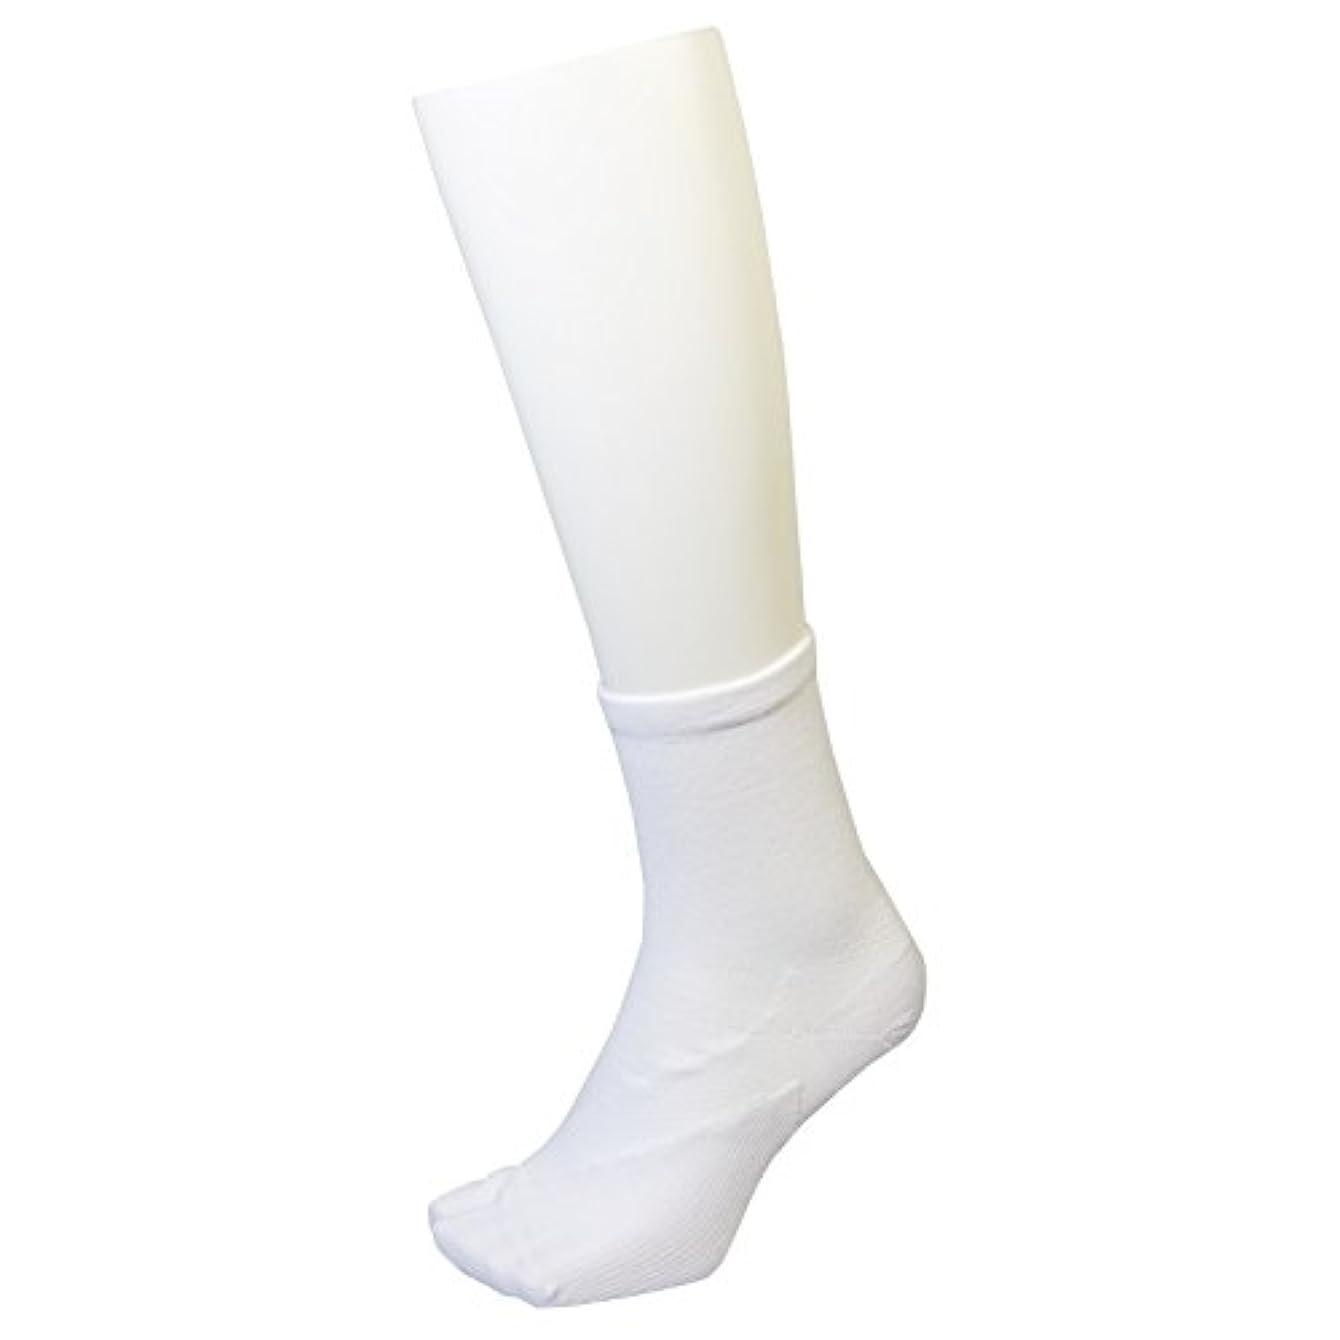 さとう式 フレクサーソックス クルー 白 (M) 足袋型